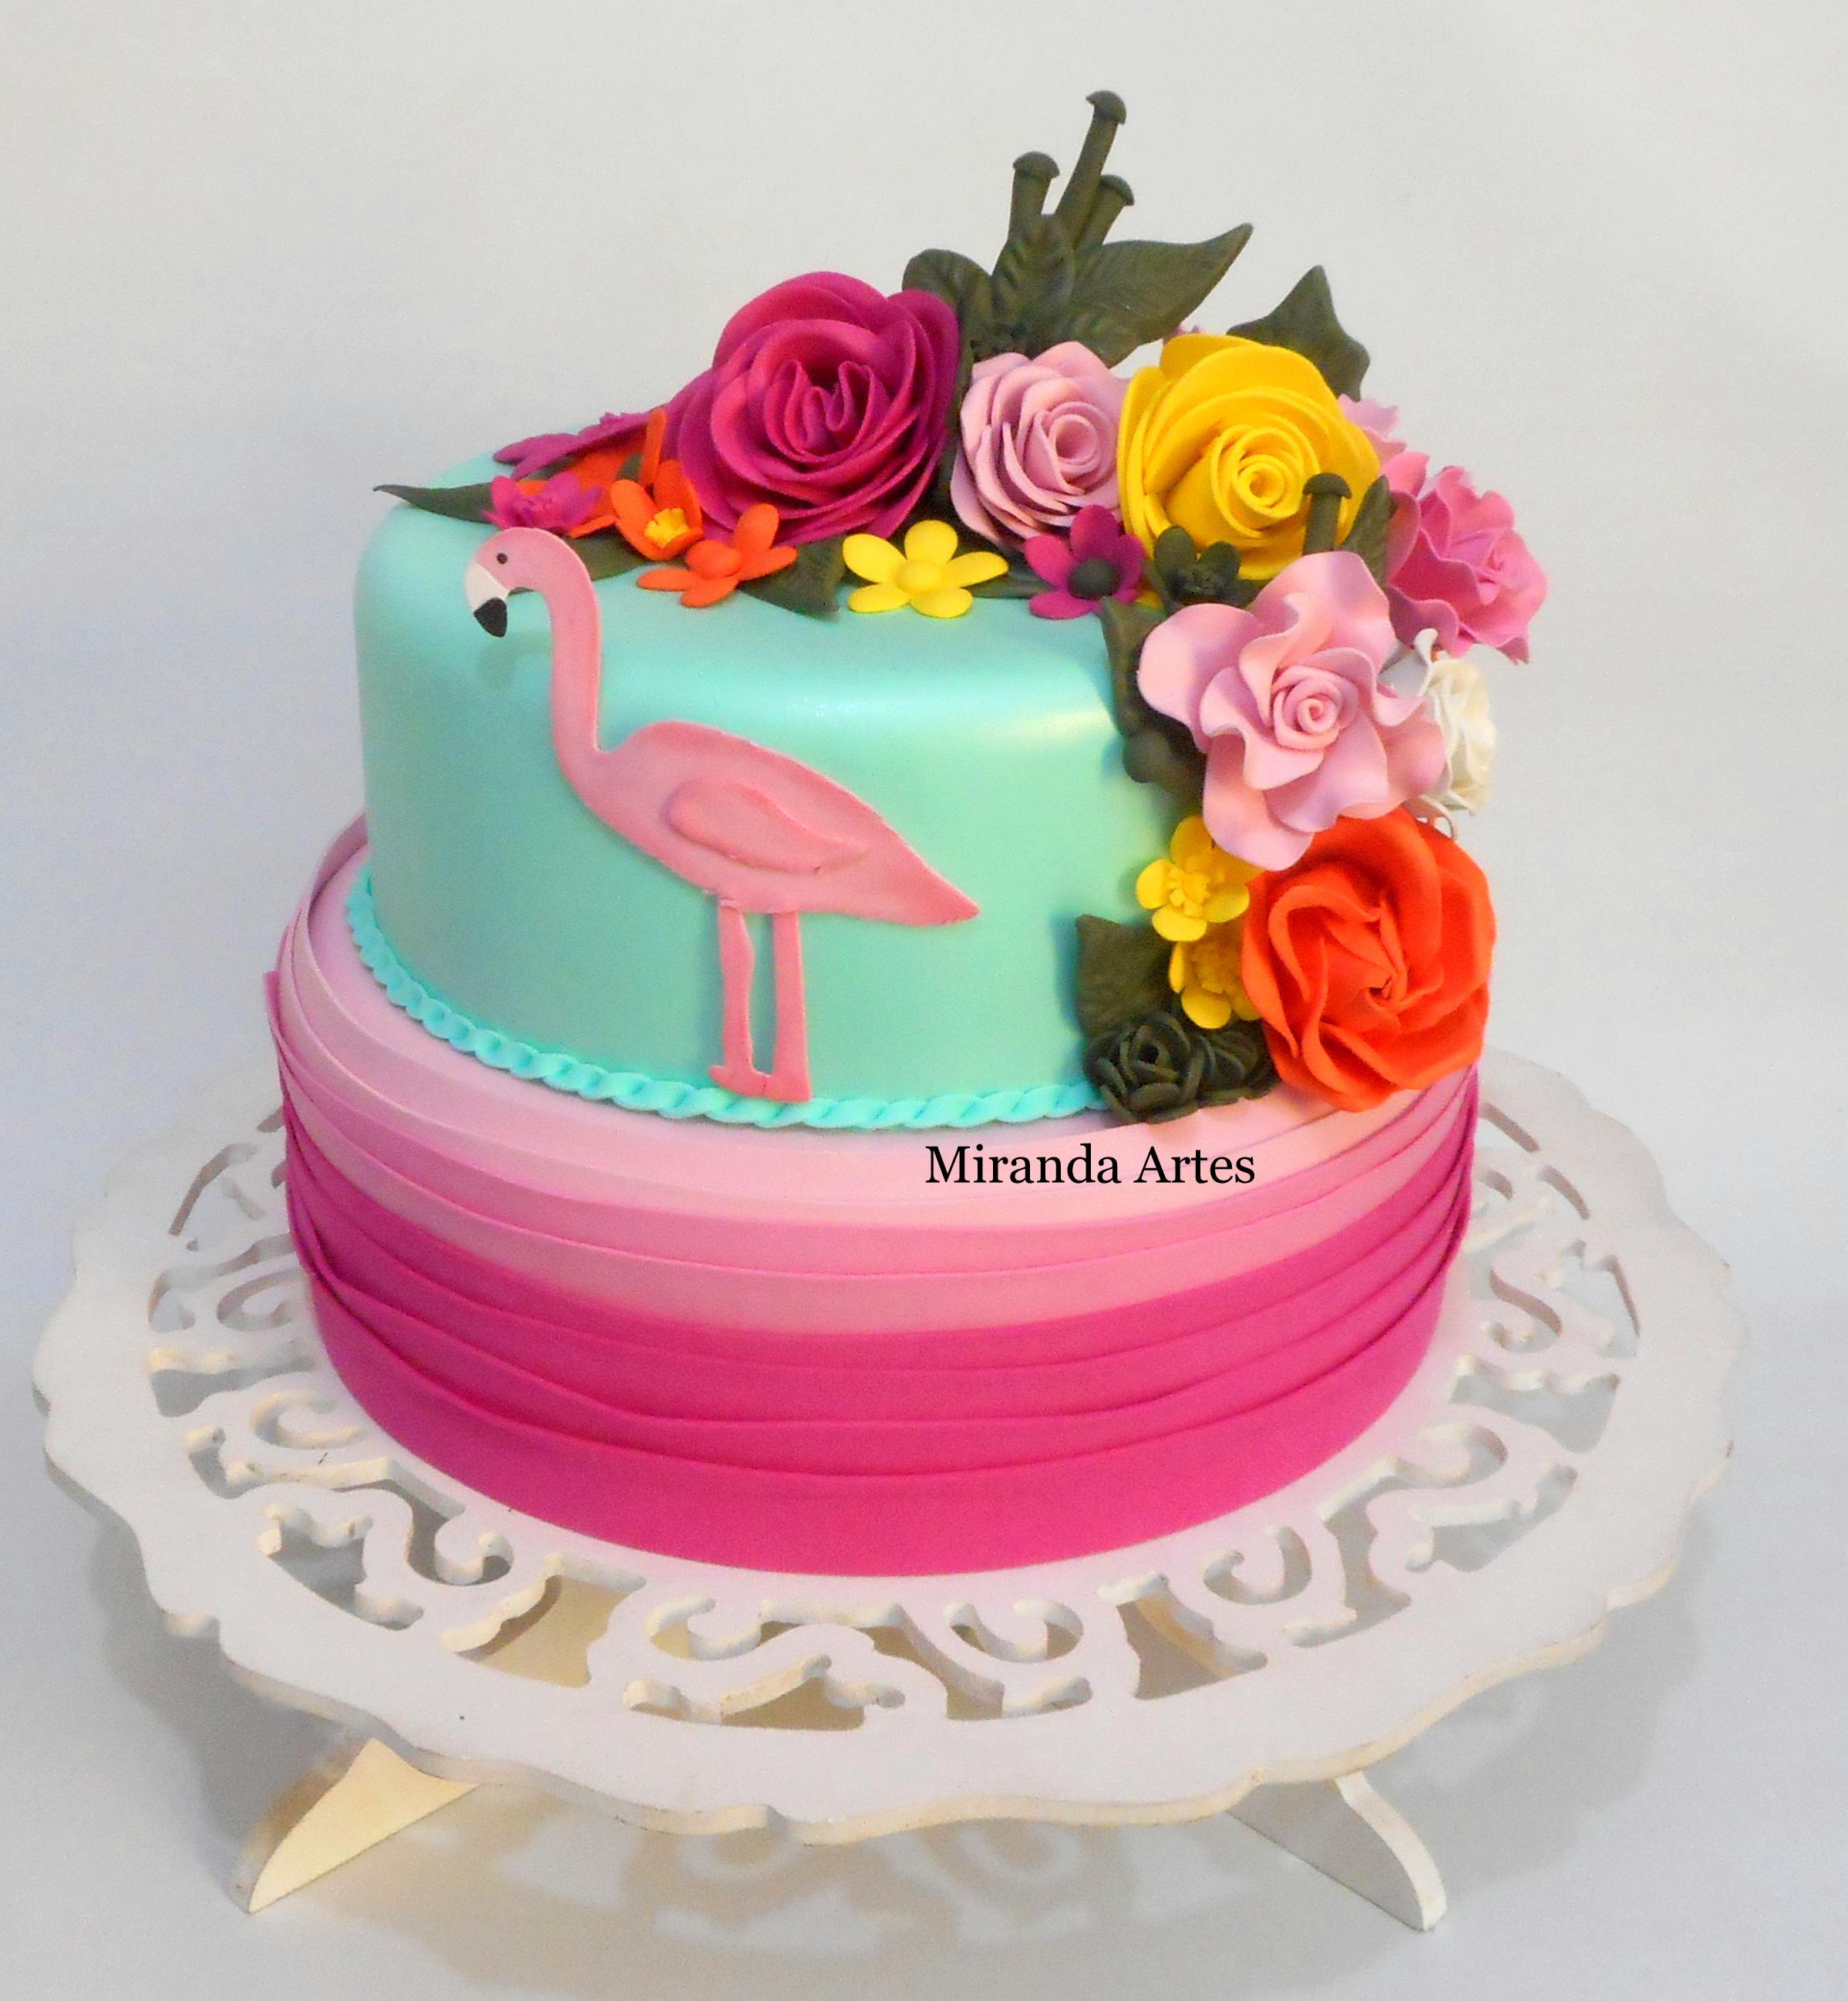 Bolo Fake De Eva Flamingo No Elo7 Miranda Artes Em Eva A9d2d2